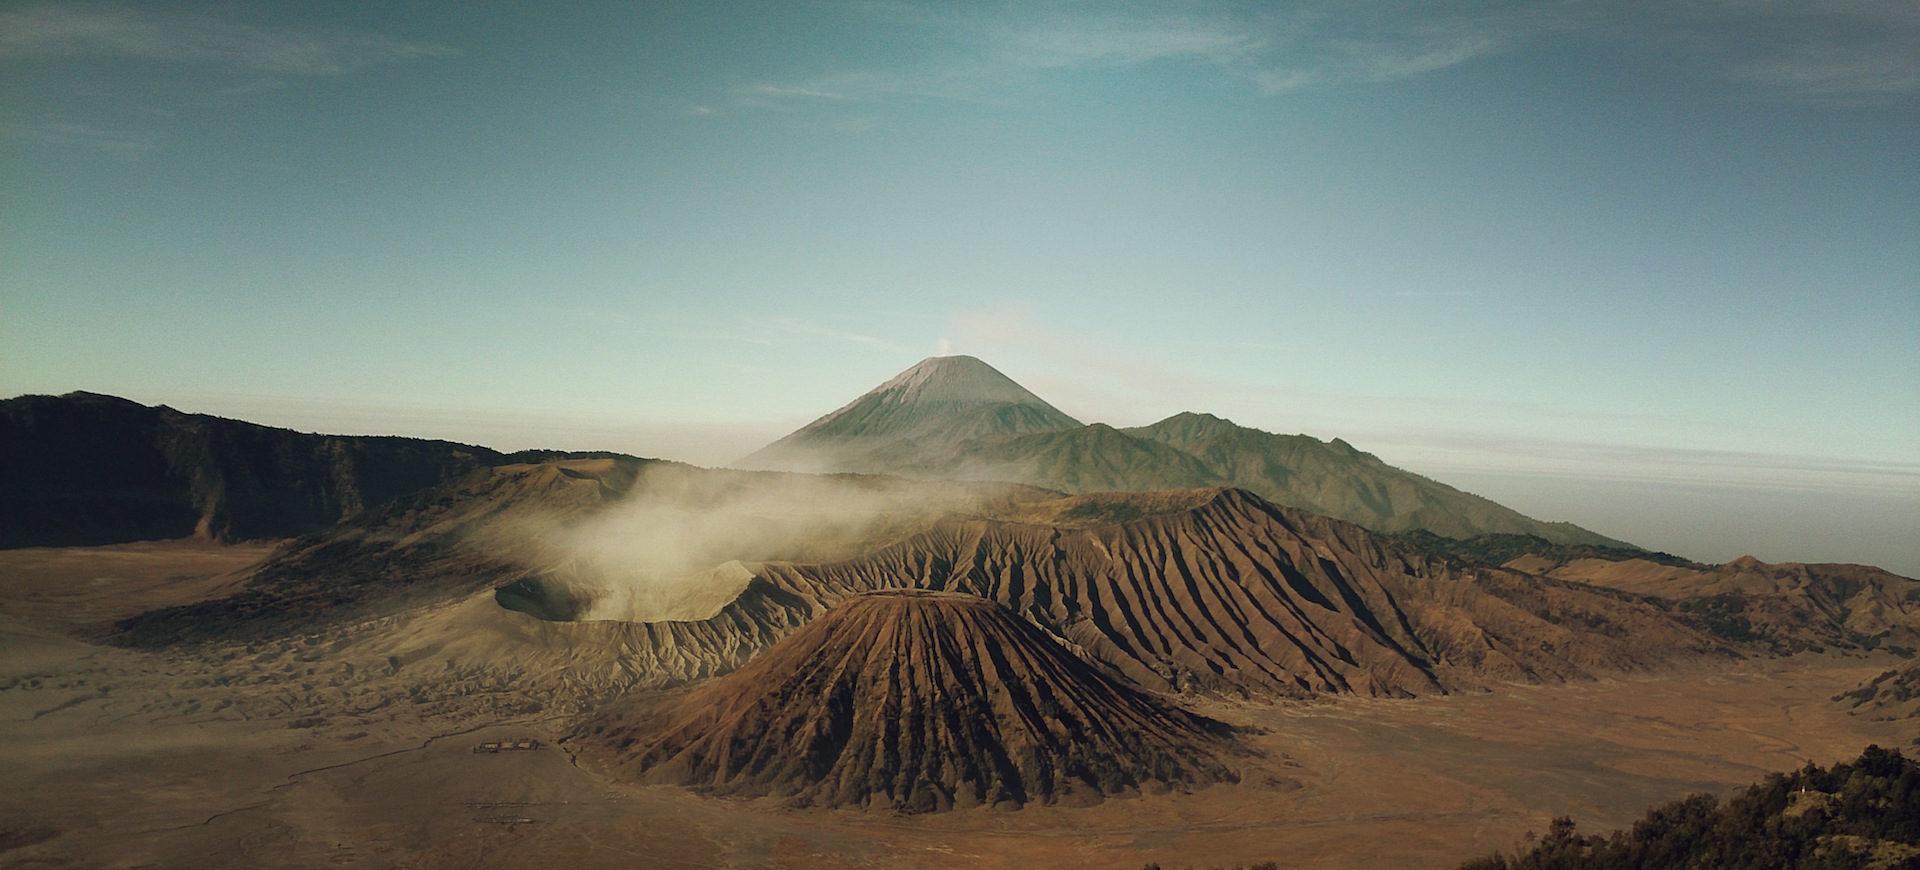 Montañas, Volcán, Gasen, Himmel, Wolken - Wallpaper HD - Prof.-falken.com